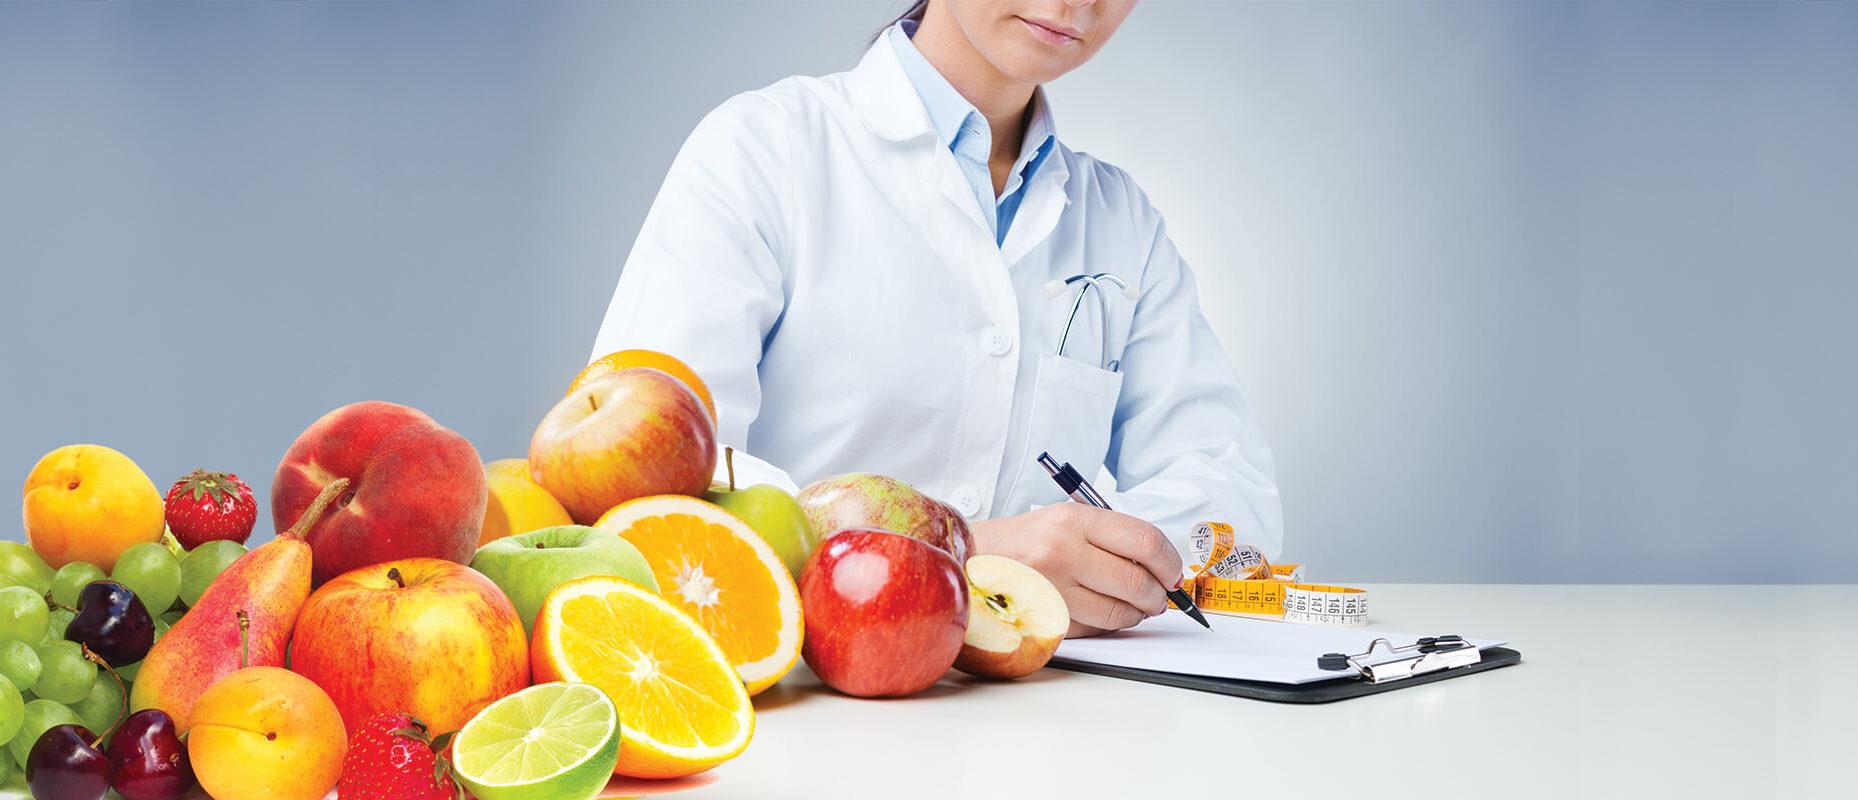 продукты для диеты, продукты для здорового питания.